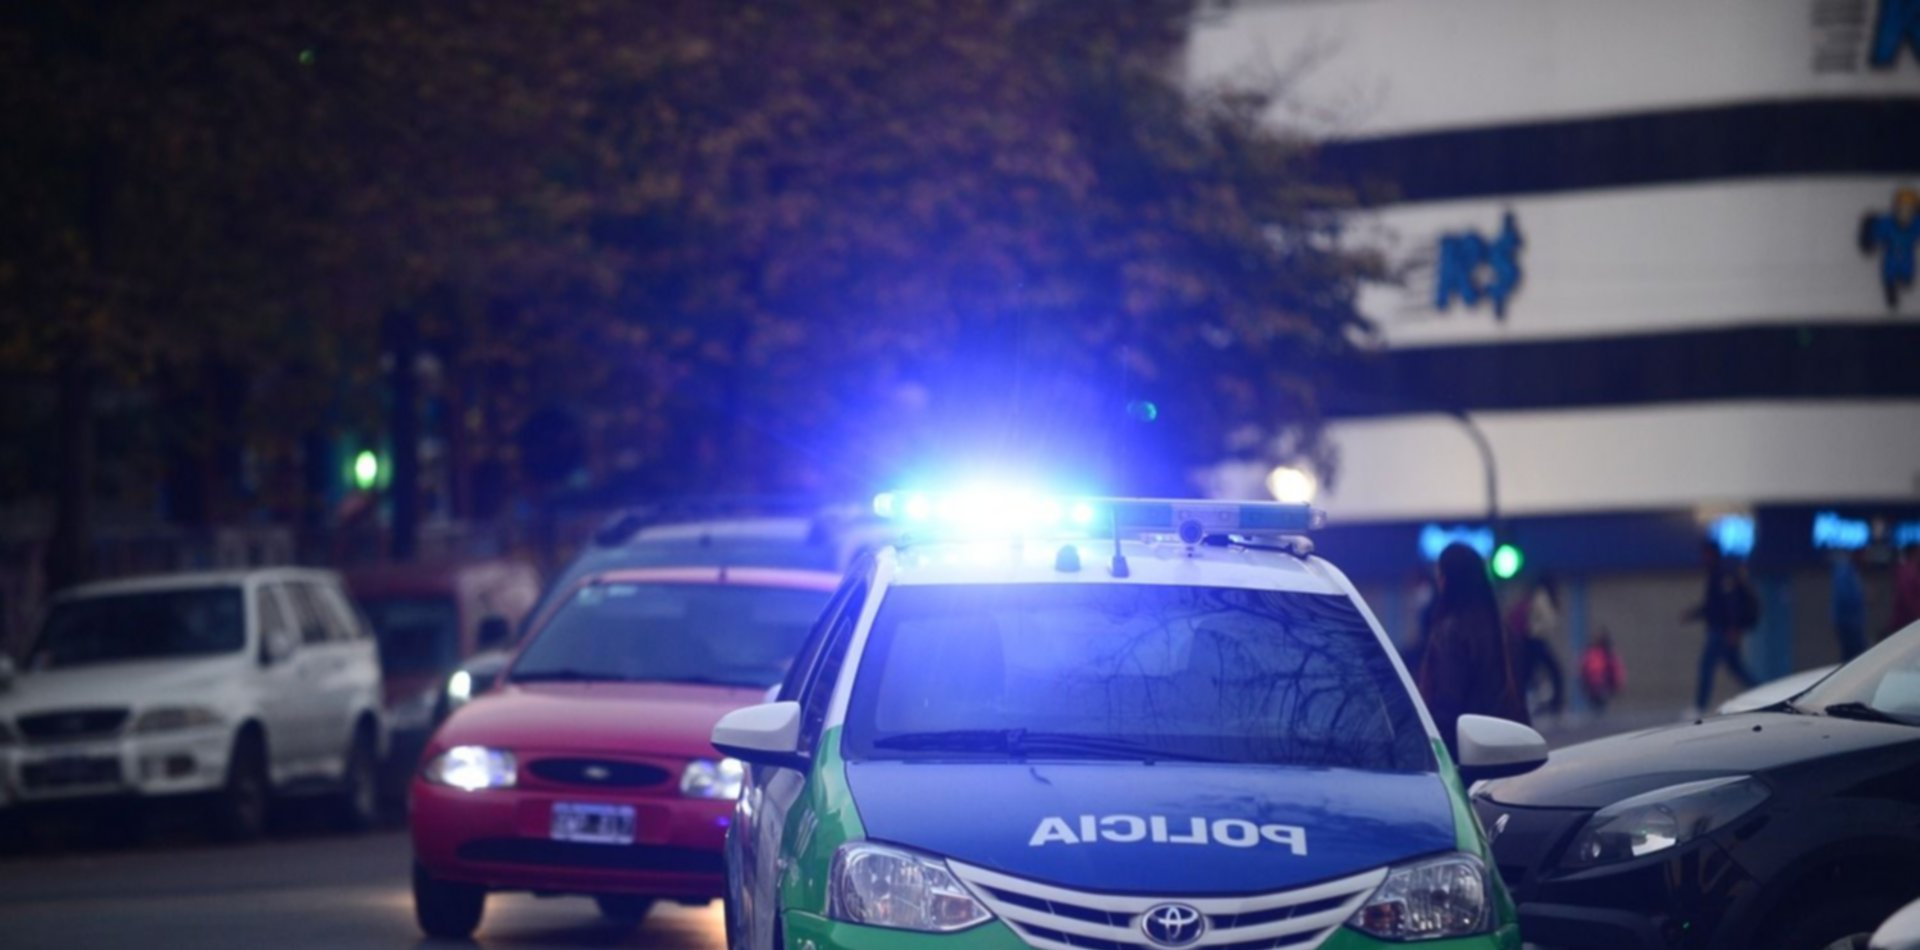 Un grupo de jóvenes de entre 14 y 23 años golpeó y robó a una persona en pleno centro